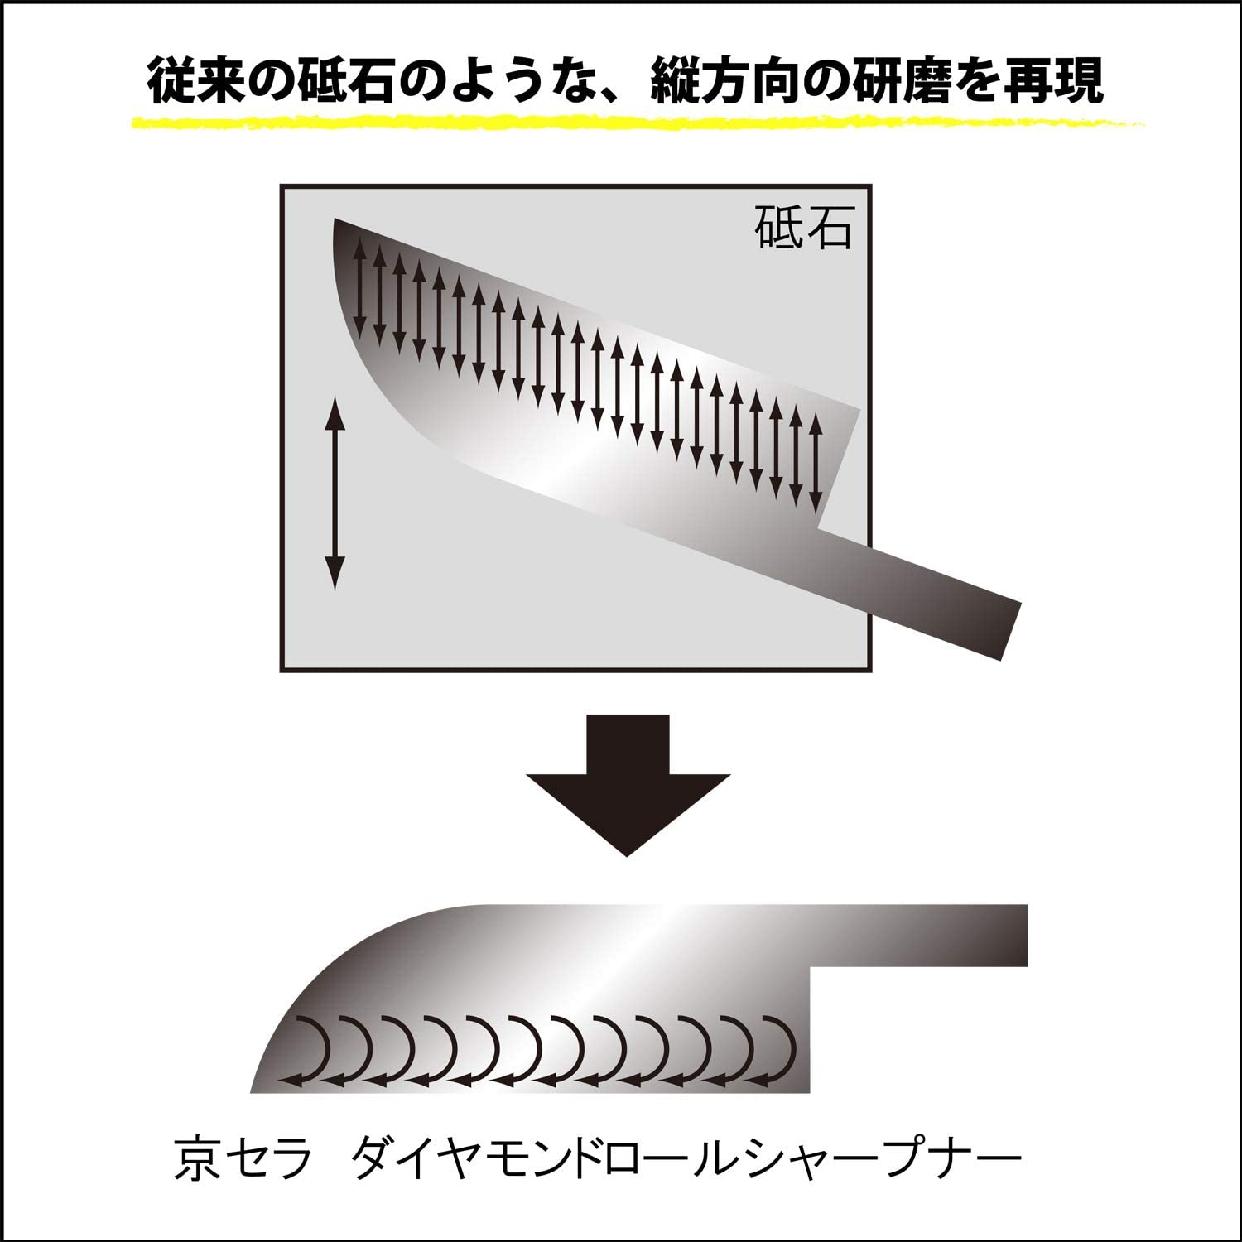 京セラ(キョウセラ)ダイヤモンドロールシャープナー DS20Sの商品画像4